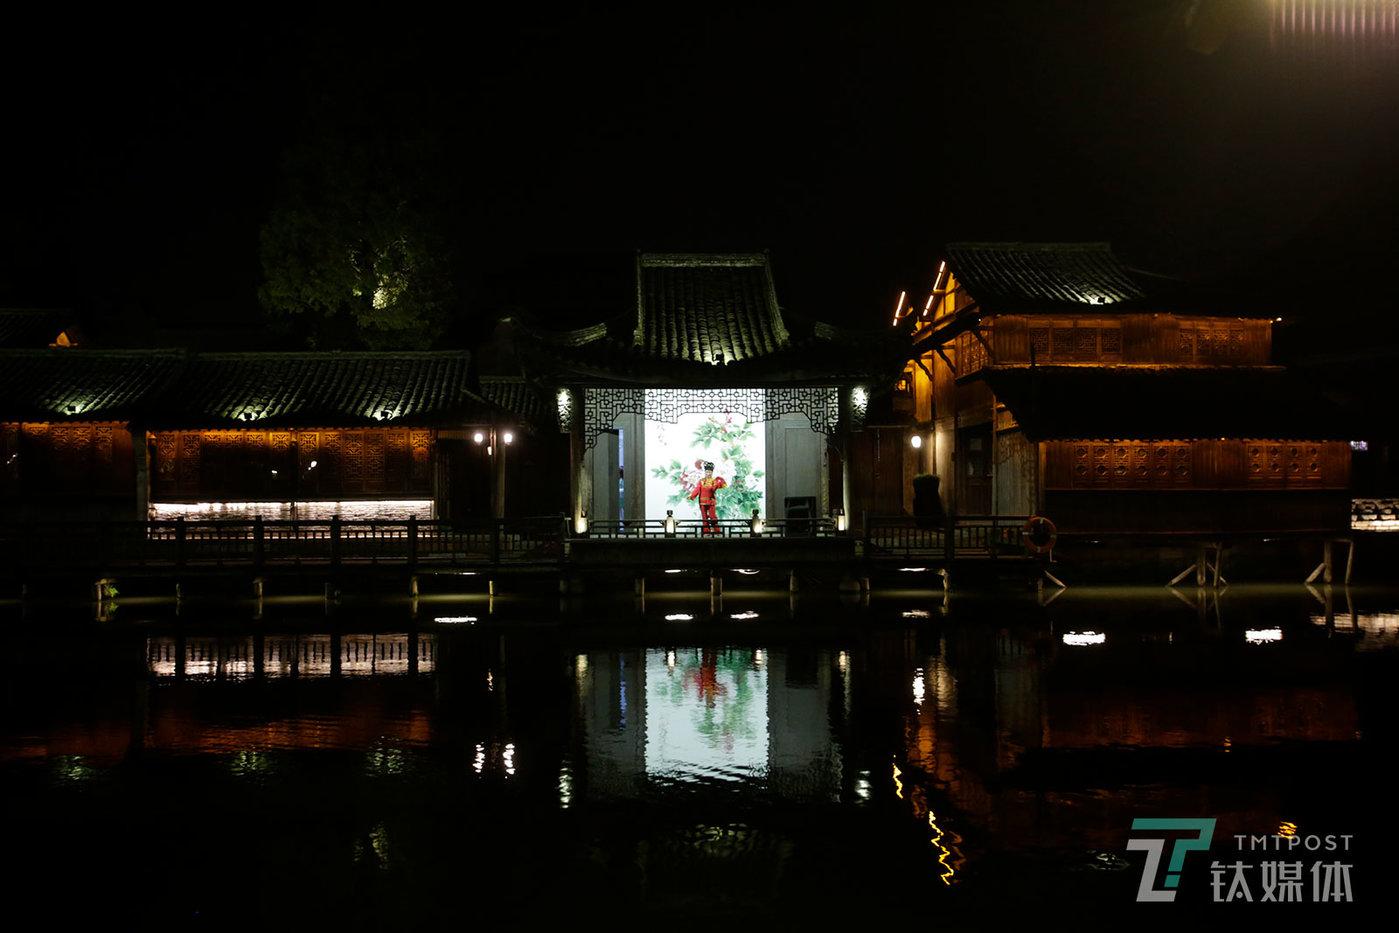 【一场戏】11月8日,乌镇西栅景区,一名花鼓戏演员在水上戏台表演。第五届世界互联网大会期间,景区闭门谢客。